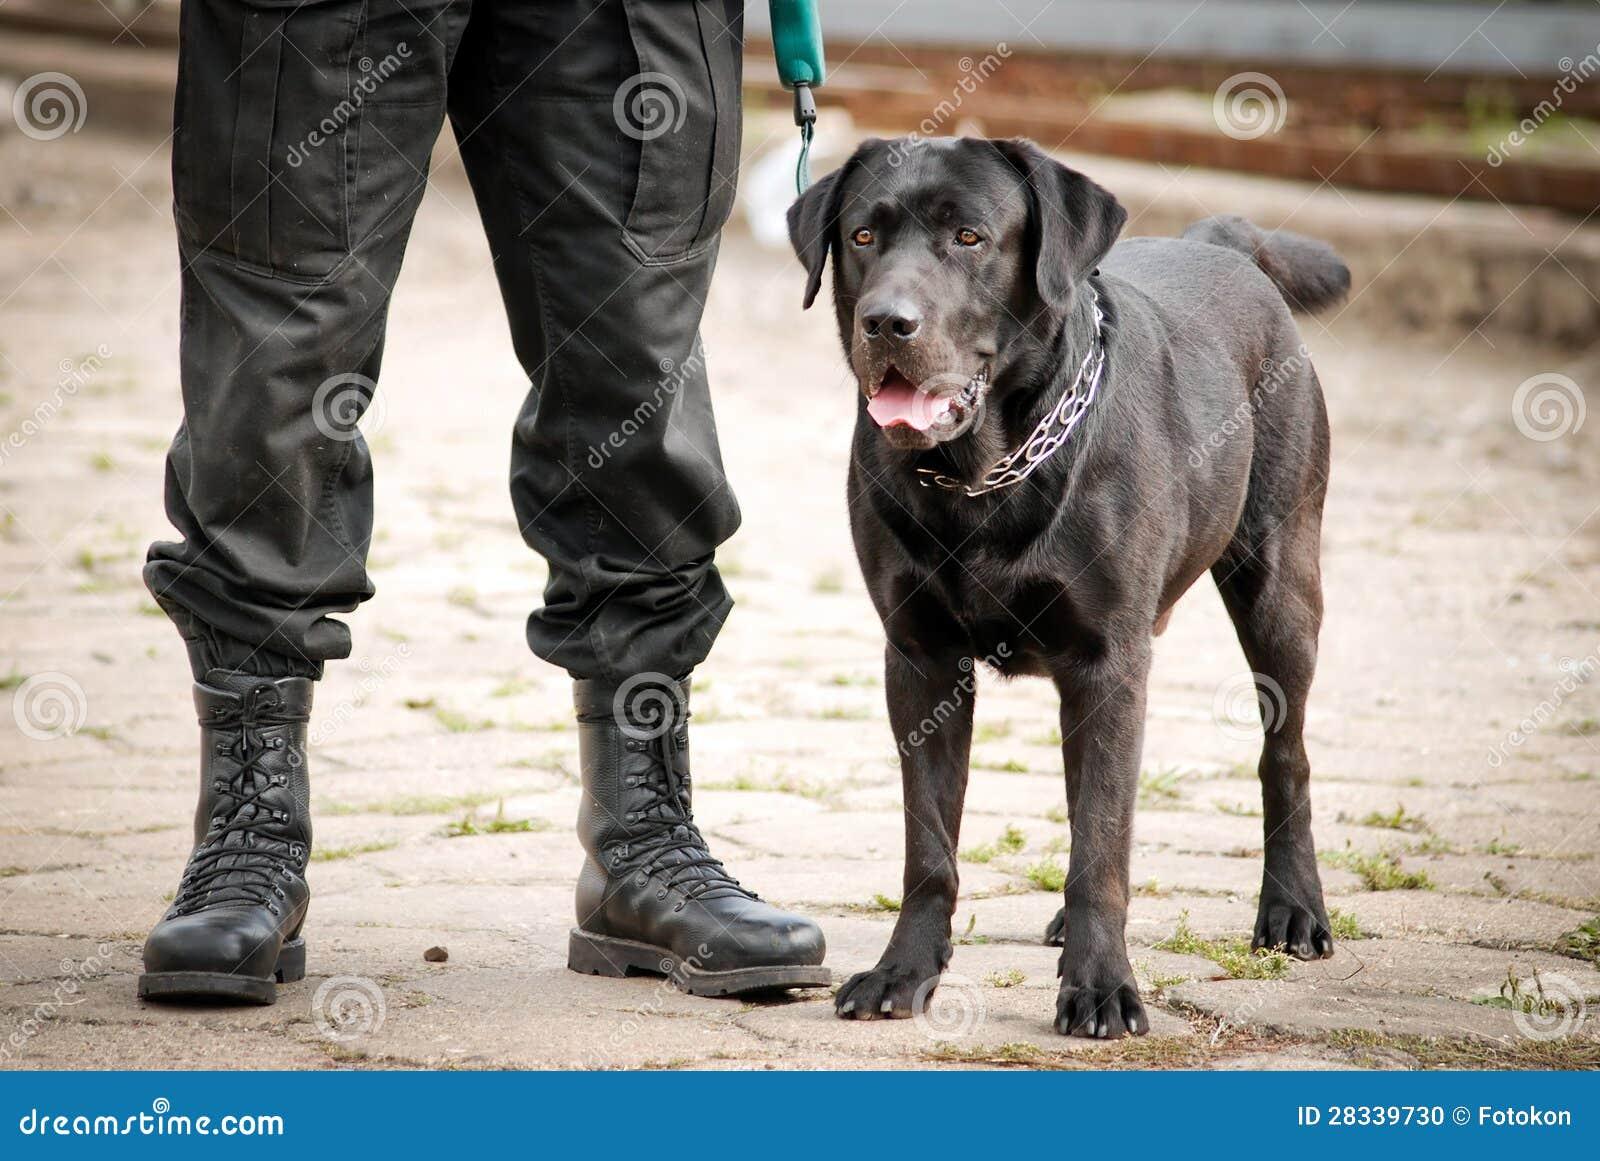 Cane Poliziotto Fotografia Stock Immagine Di Laboratorio 28339730